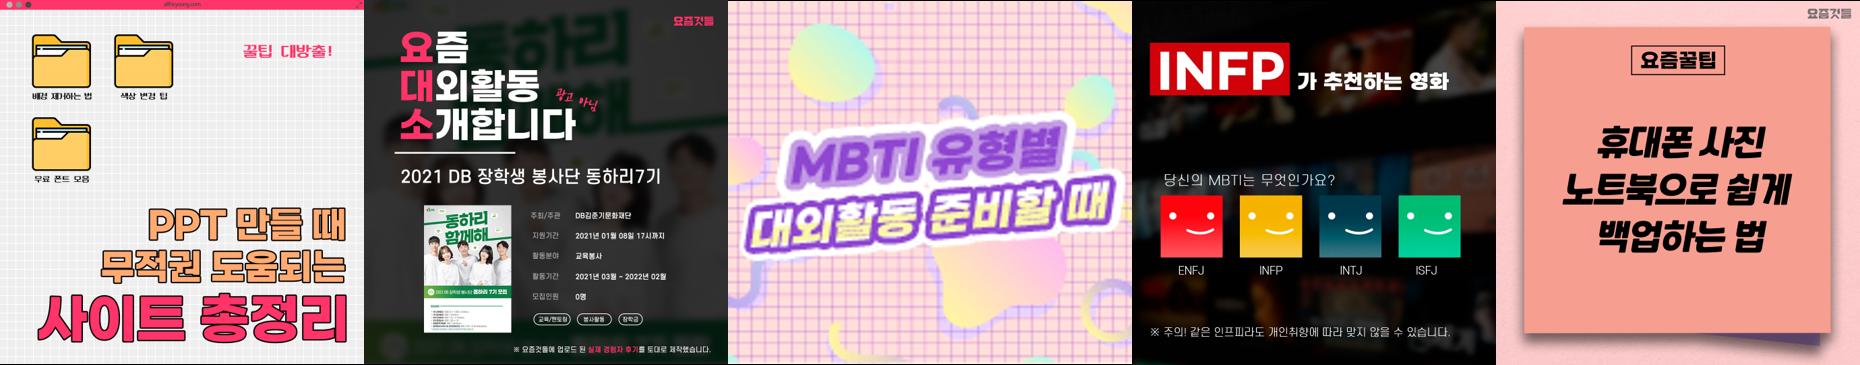 메이캔 SNS 콘텐츠 샘플 예시.png